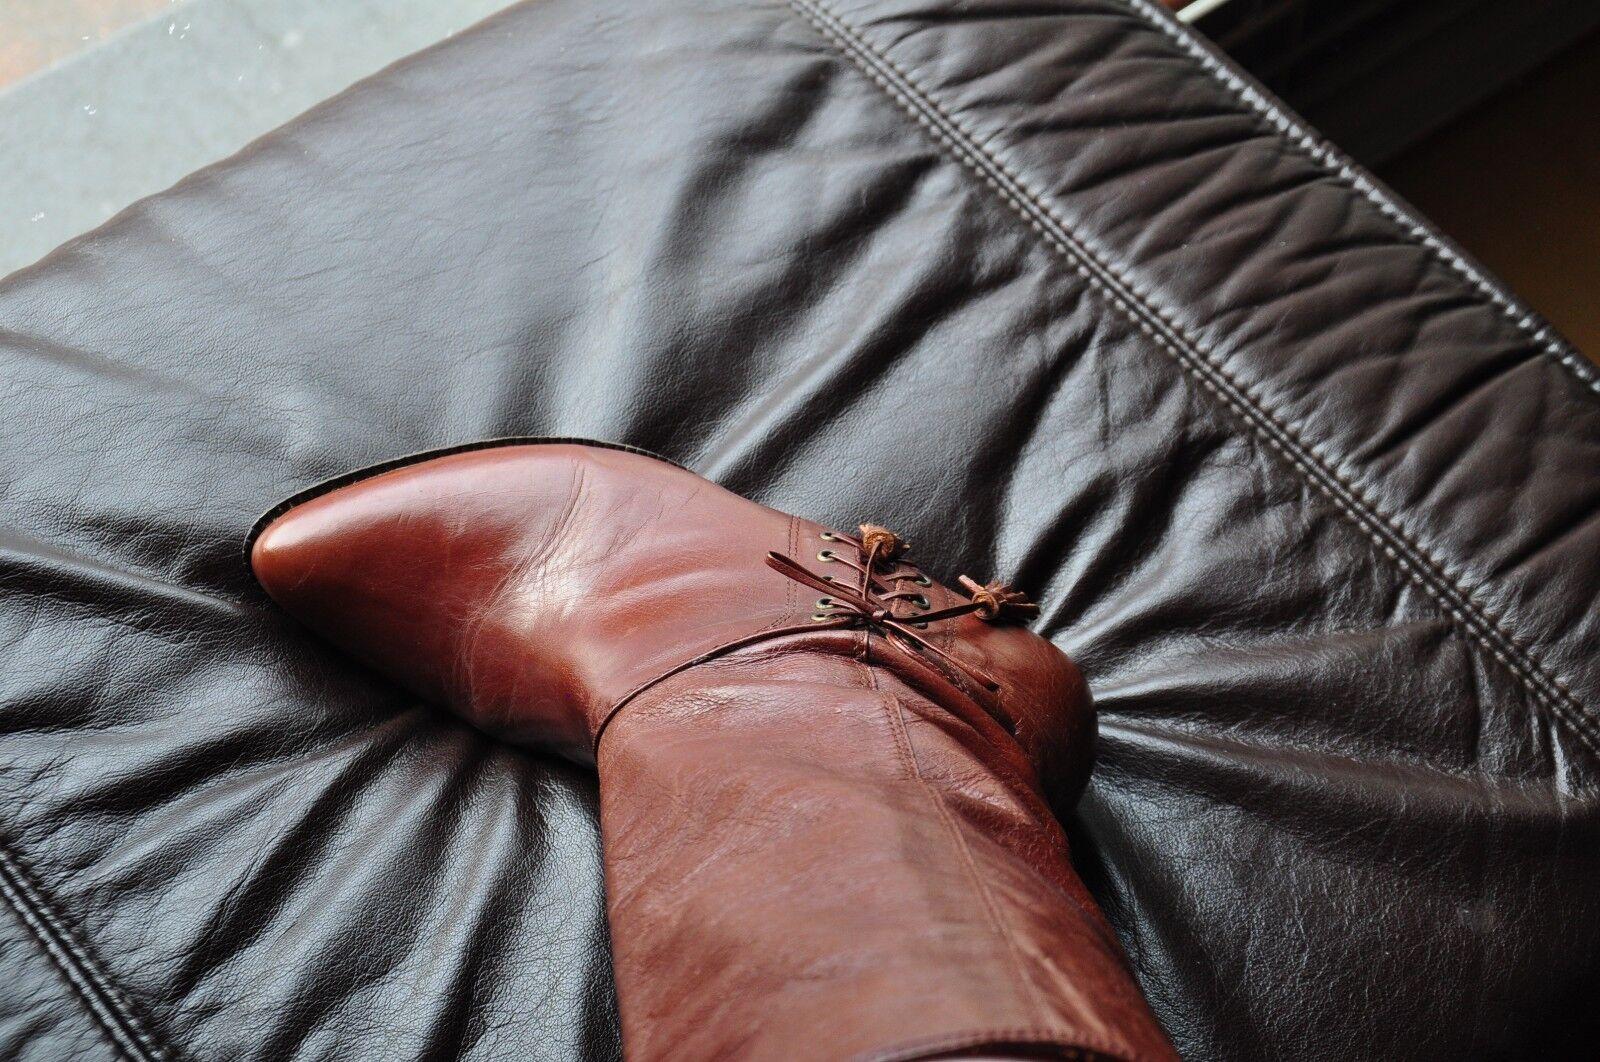 Vintage Invito Spain hochwertige Leder Stiefel  gr. 39